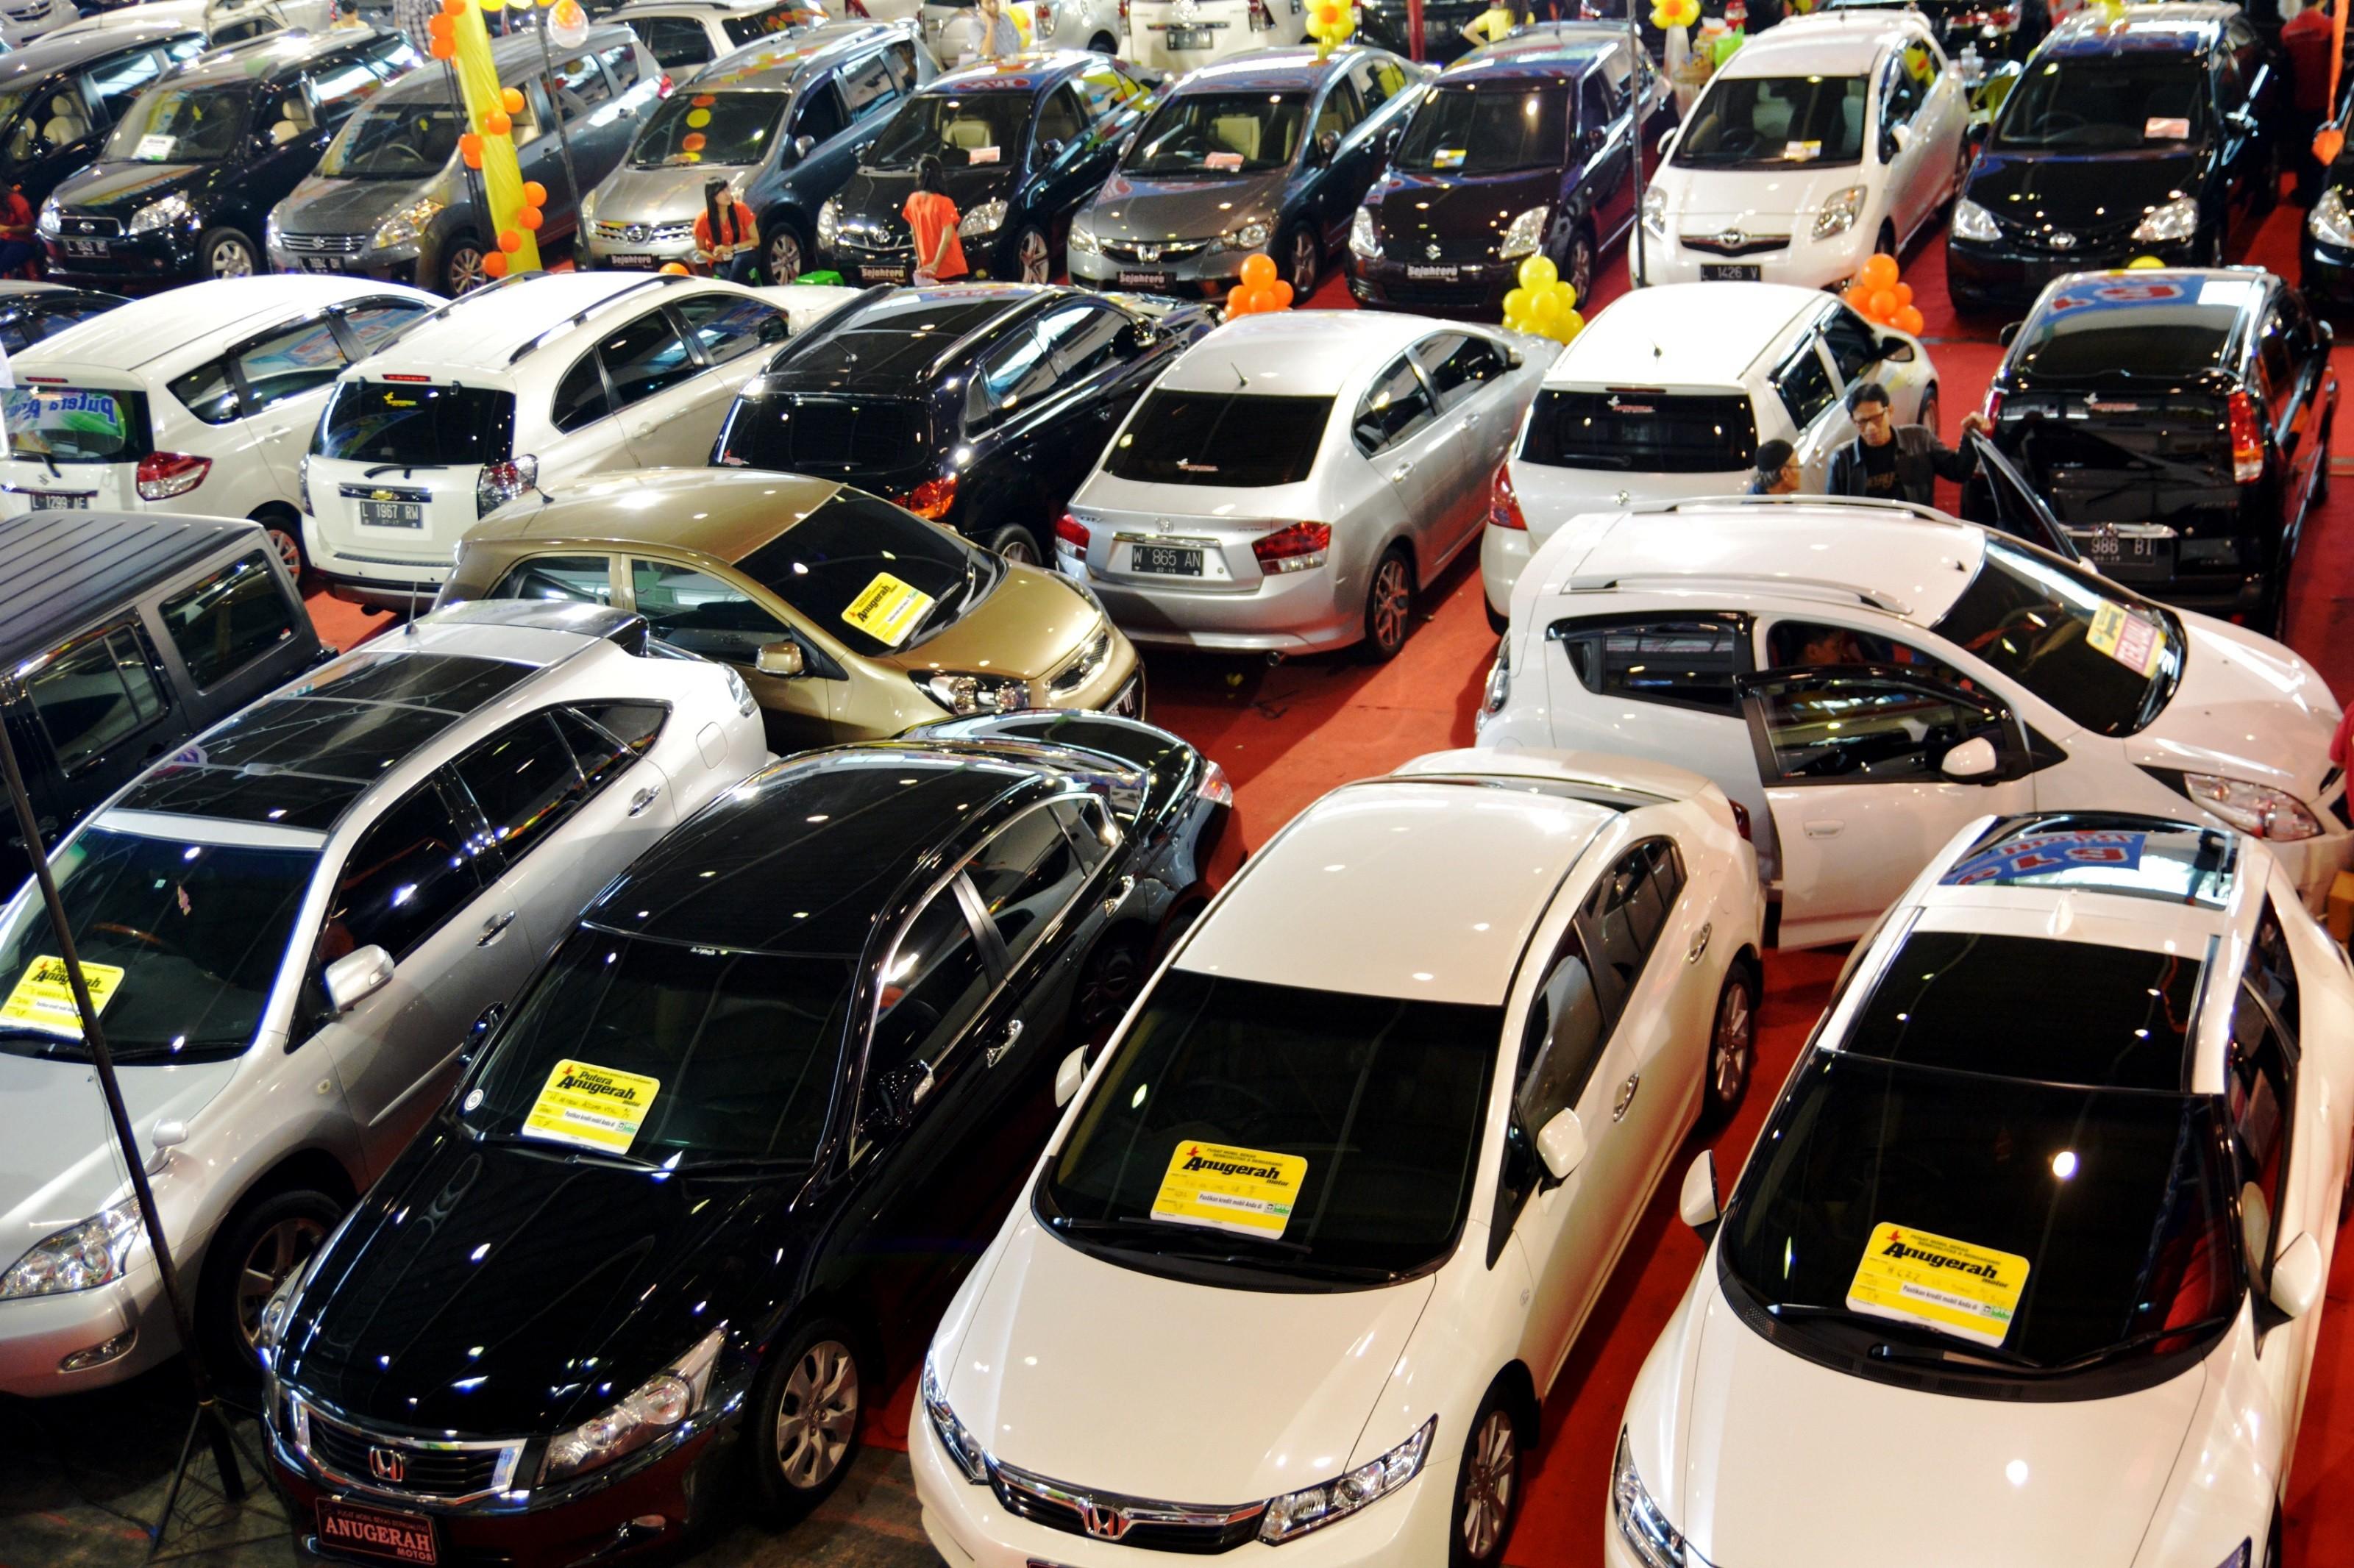 Kelebihan Membeli Mobil Baru dalam Kondisi Setengah Pakai